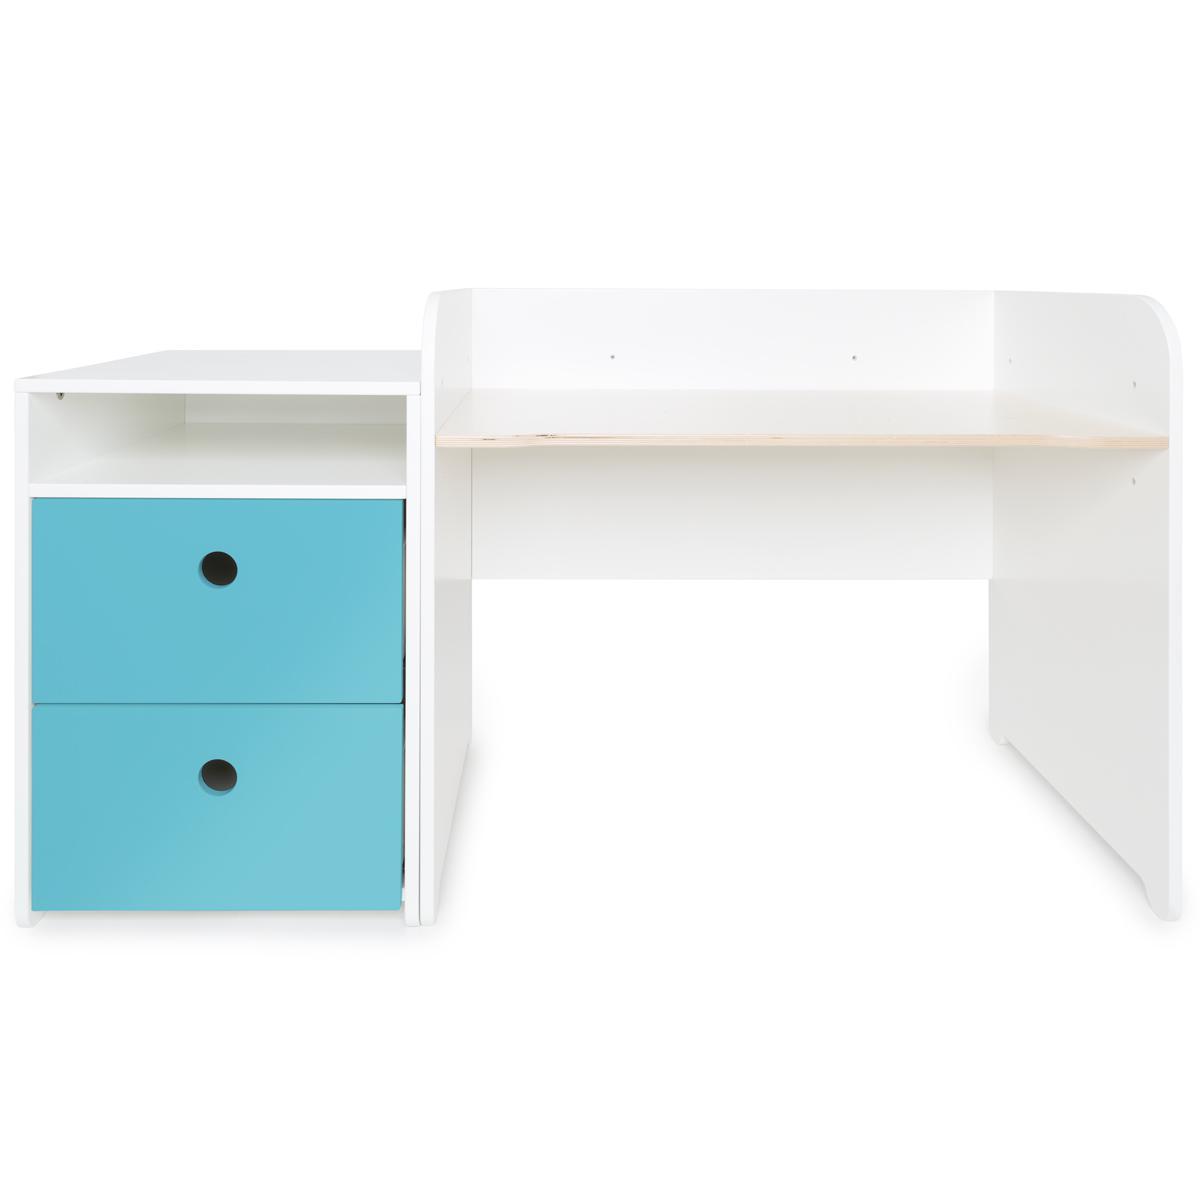 Bureau évolutif-petit meuble 2 tiroirs COLORFLEX paradise blue